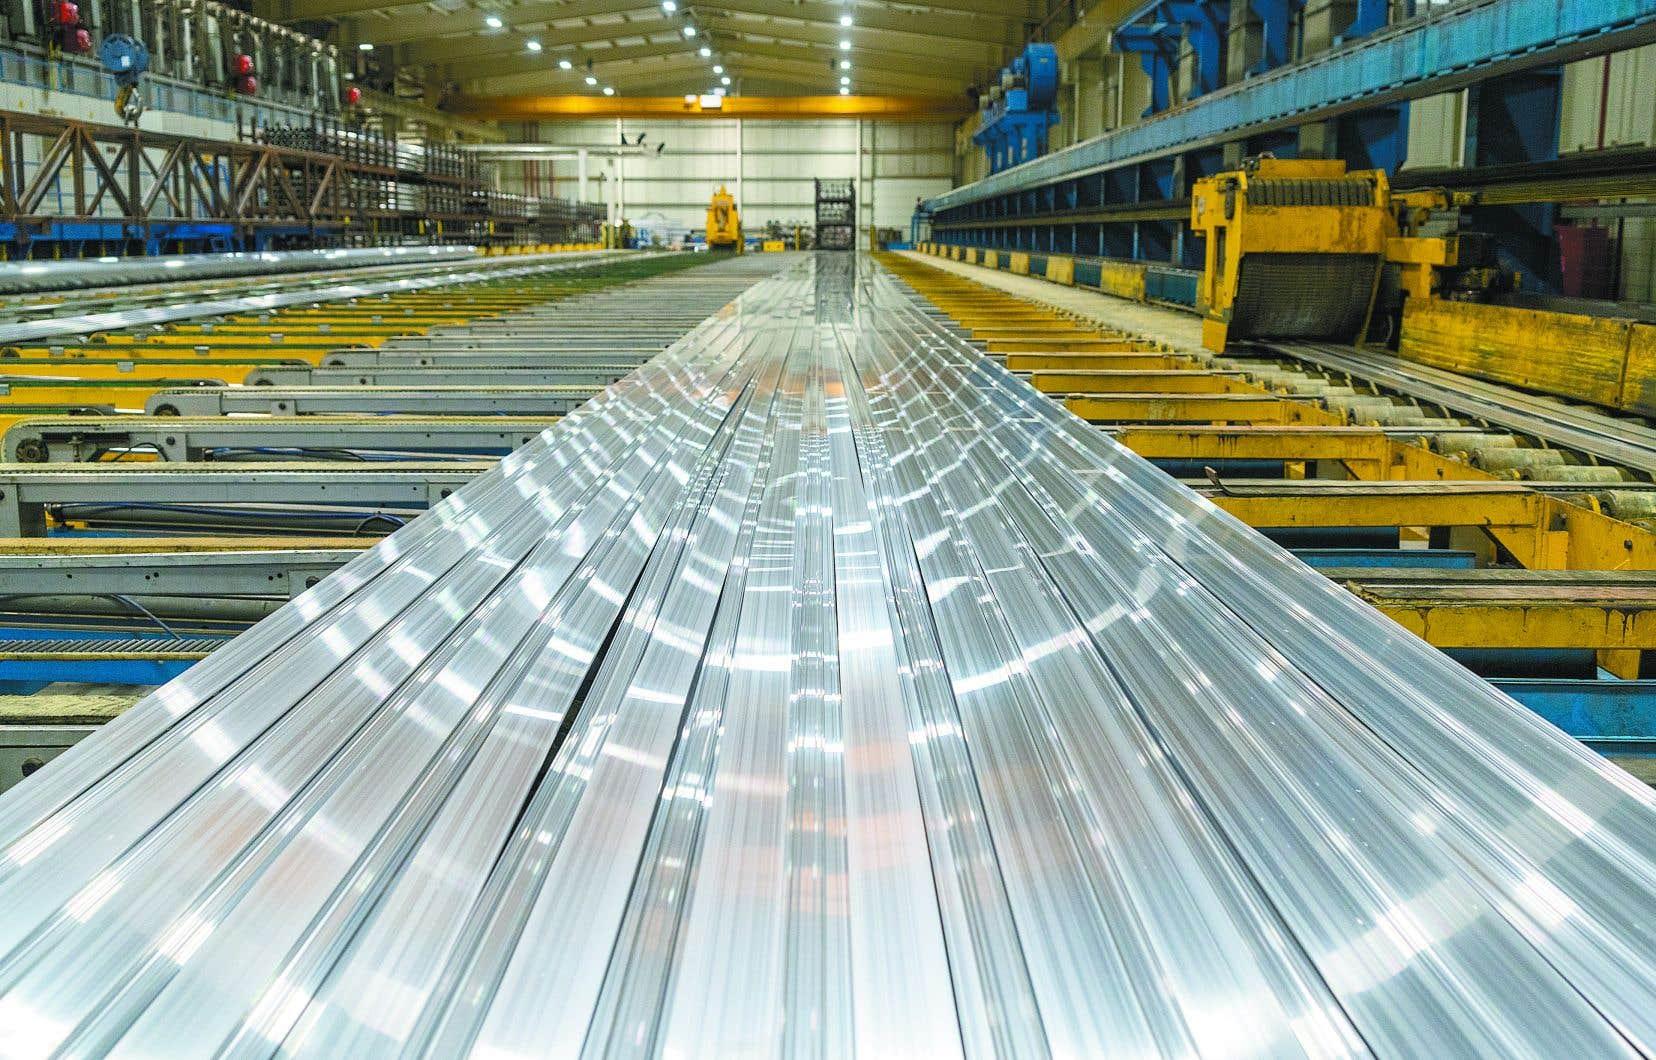 Le secteur québécois de l'aluminerie, qui représente 90 % des exportations canadiennes d'aluminium, compte 7800 employés sur les planchers d'usine et 20 000 autres travailleurs directement dépendants.